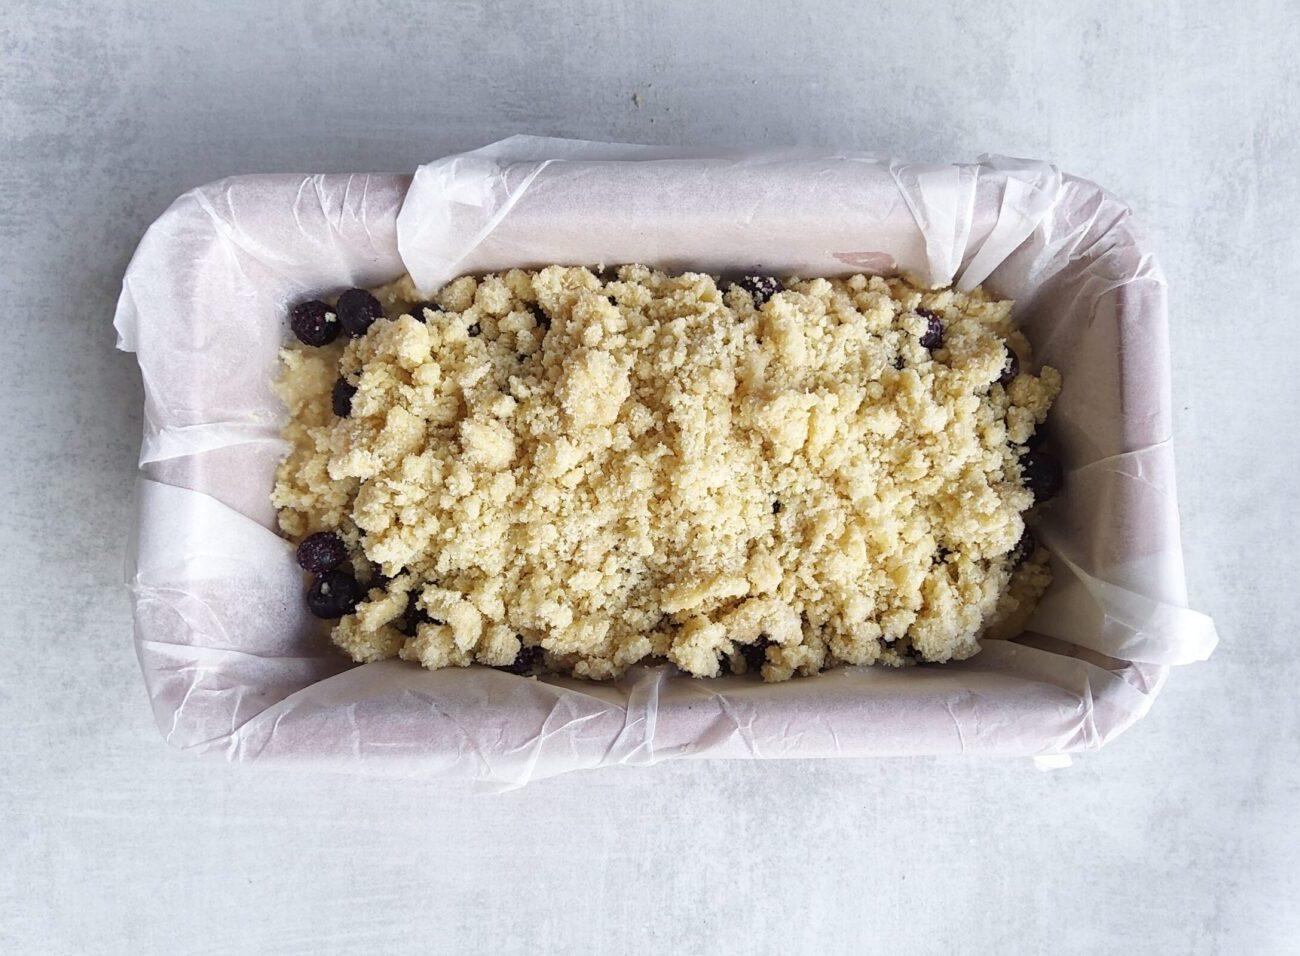 Keto Berry Crumble Cake